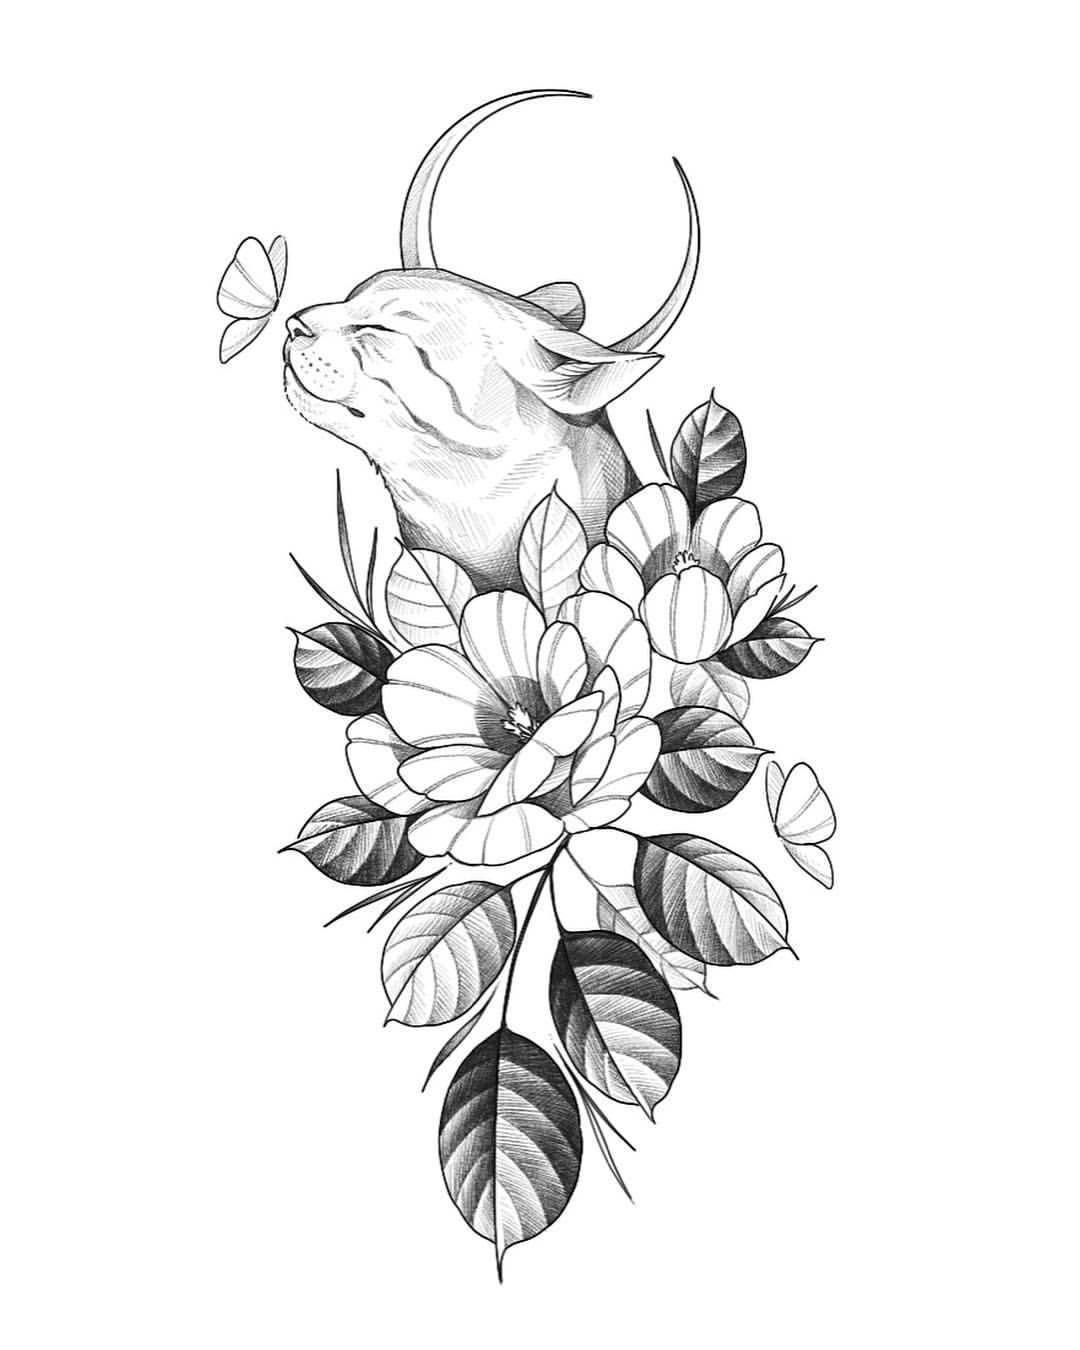 ,  #virgoconstellationtattoodesigns,  #floralconstellationtattoovirgo #virgoconstellationtatt... in 2020 | Cat tattoo designs, Tattoo design drawings, Body art tattoos